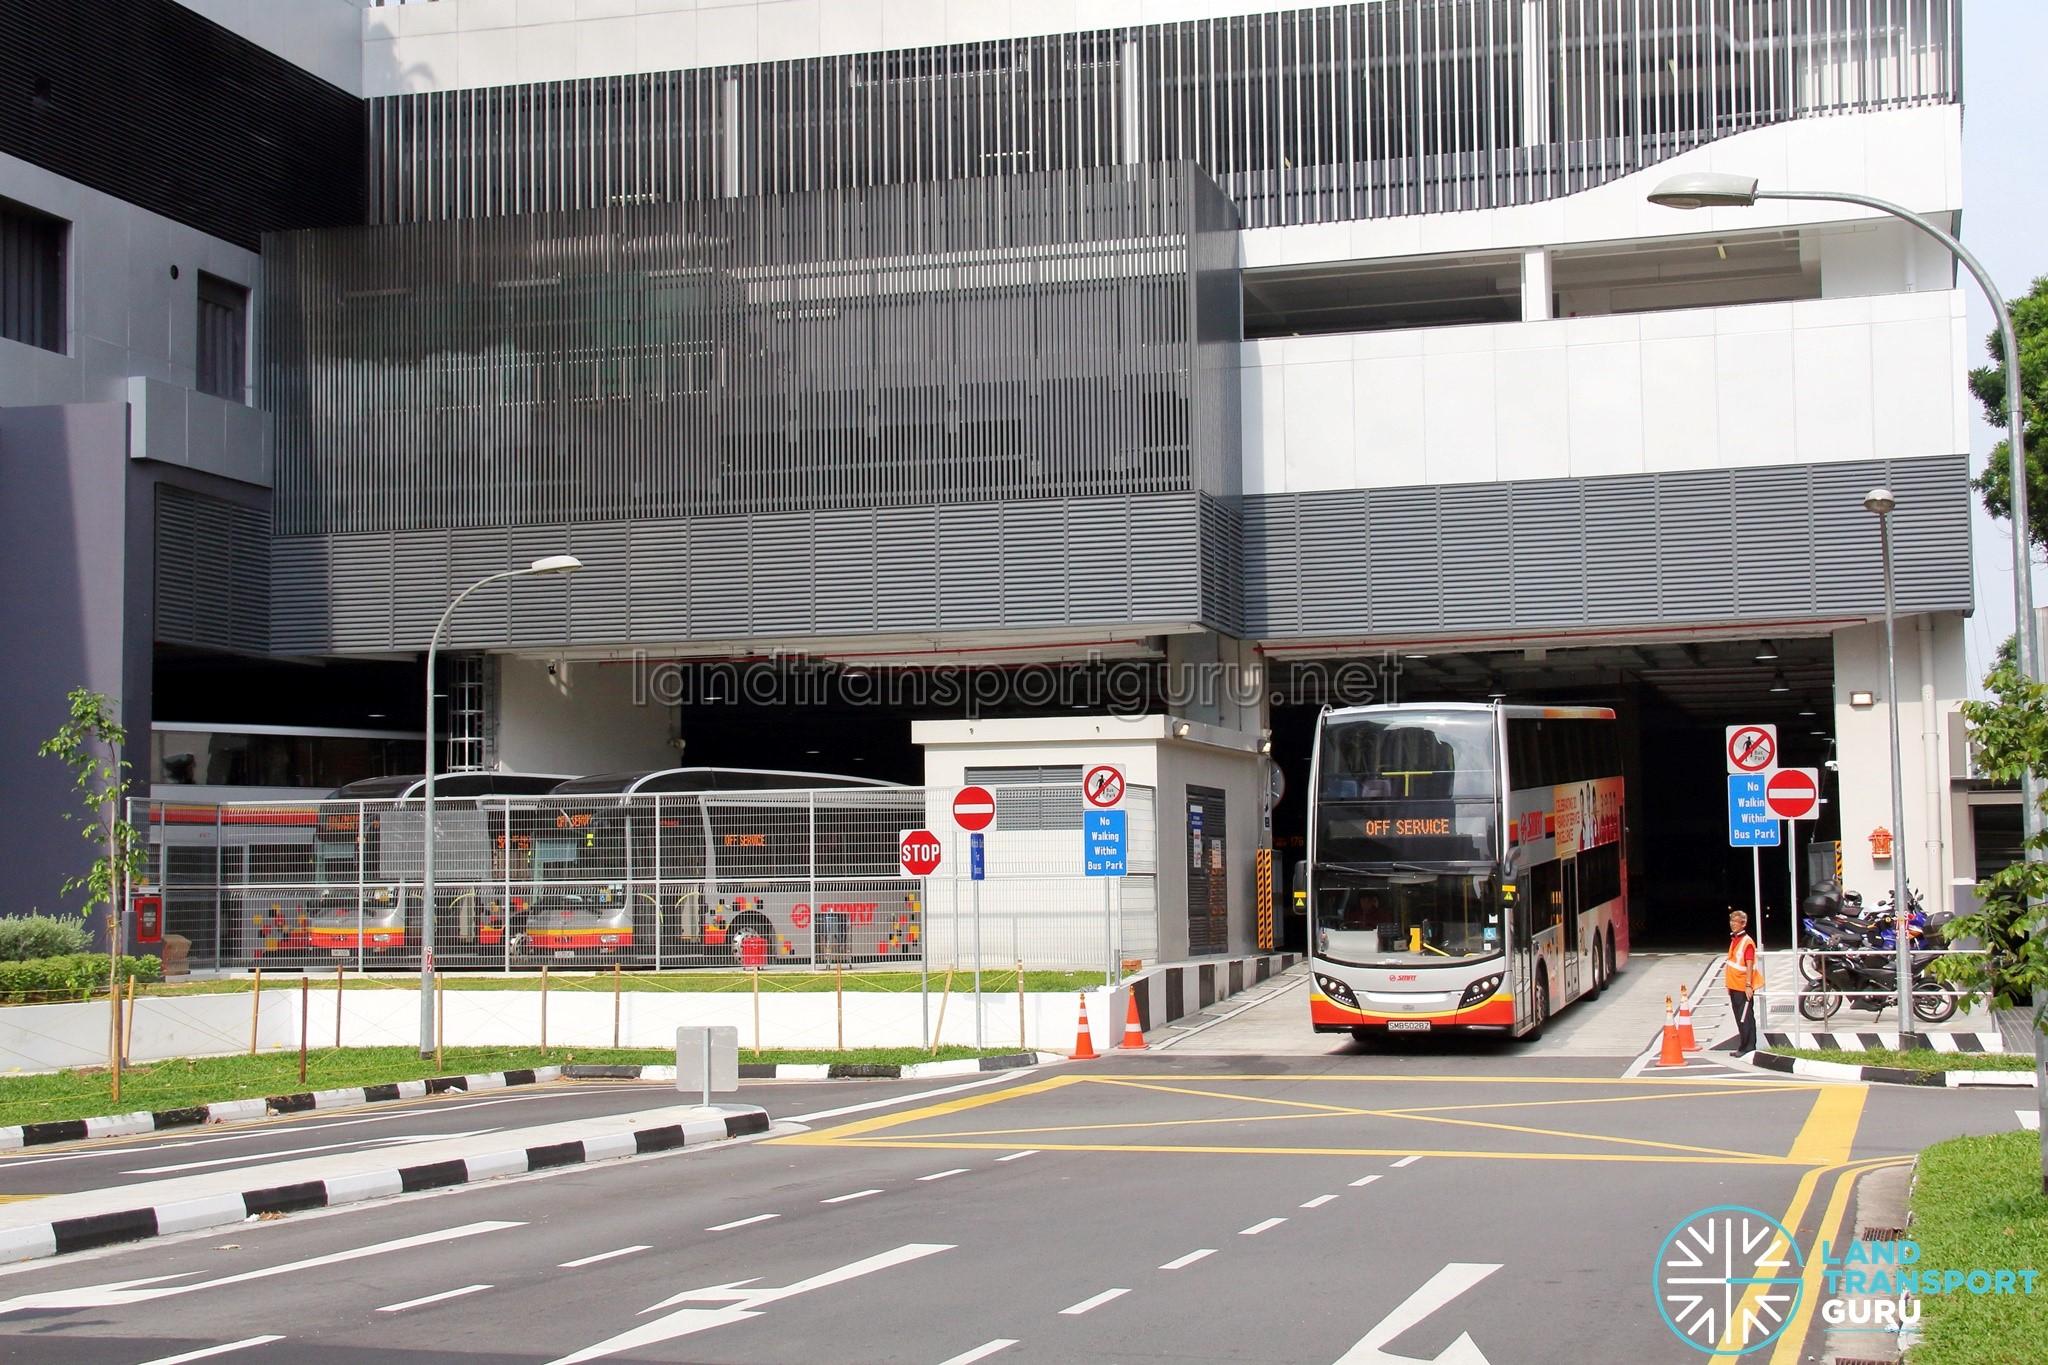 Bukit Panjang Bus Interchange - Egress lane